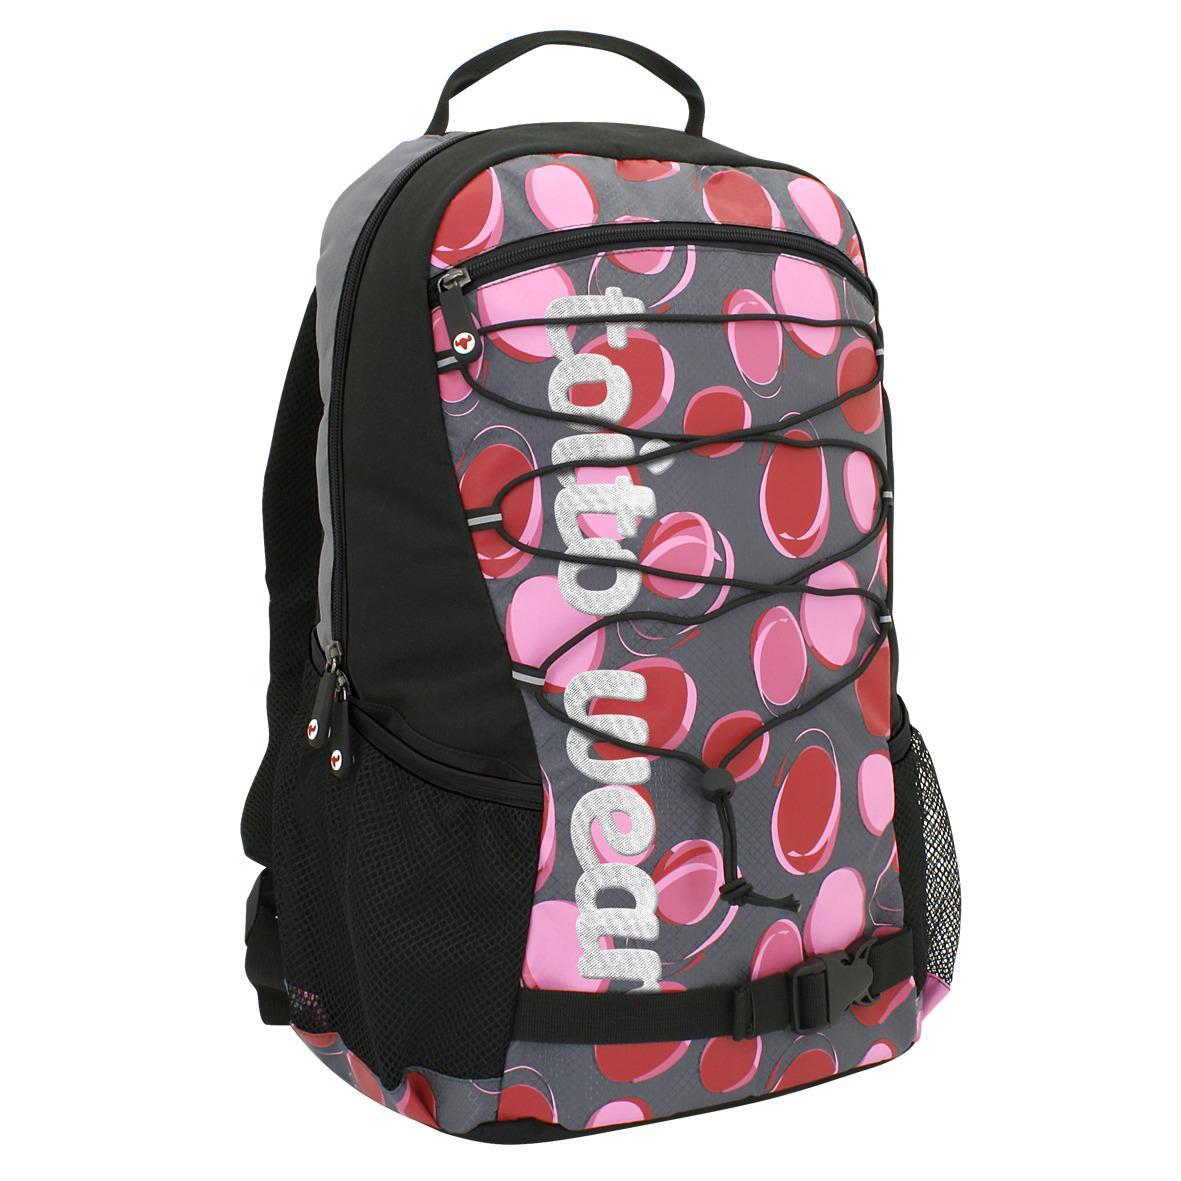 ac70ed8dec97b Rucksack Dotty Schulrucksack Sportrucksack Freizeitrucksack  Multifunktionsrucksack Schulranzen Damen Mädchen Schüler schwarz pink  Rucksack 1 ...